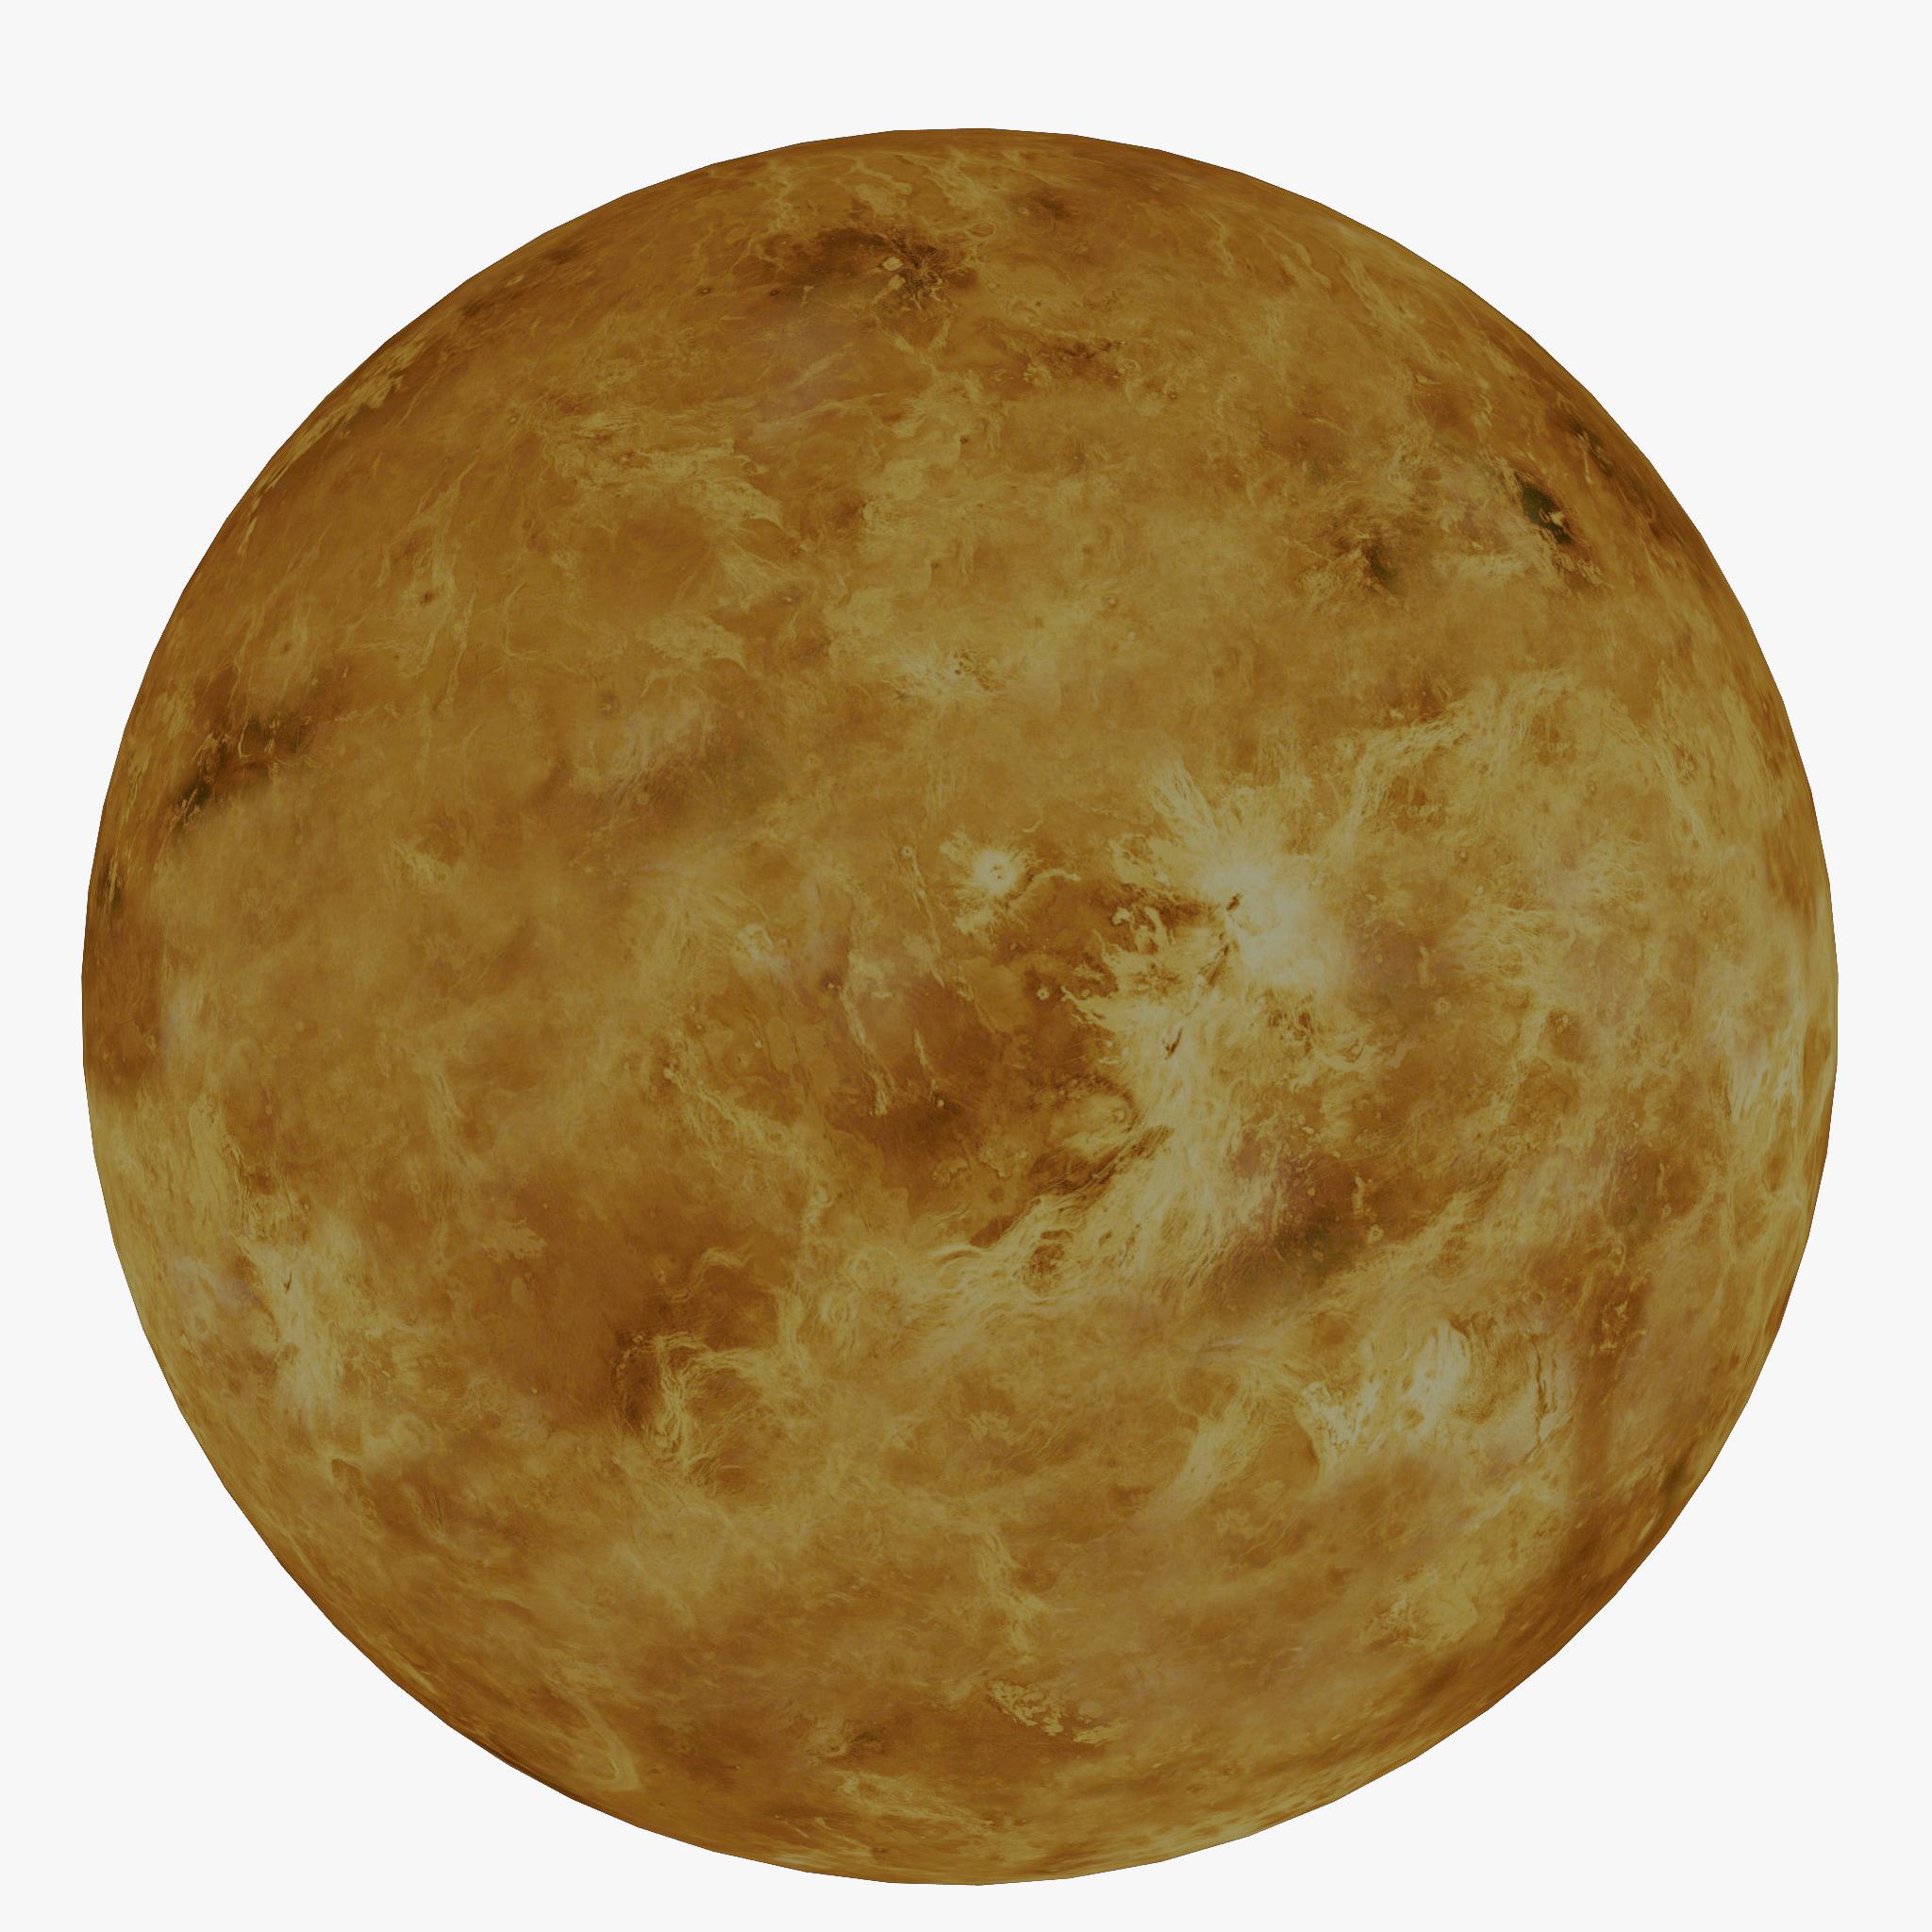 planet venus 3d - photo #26